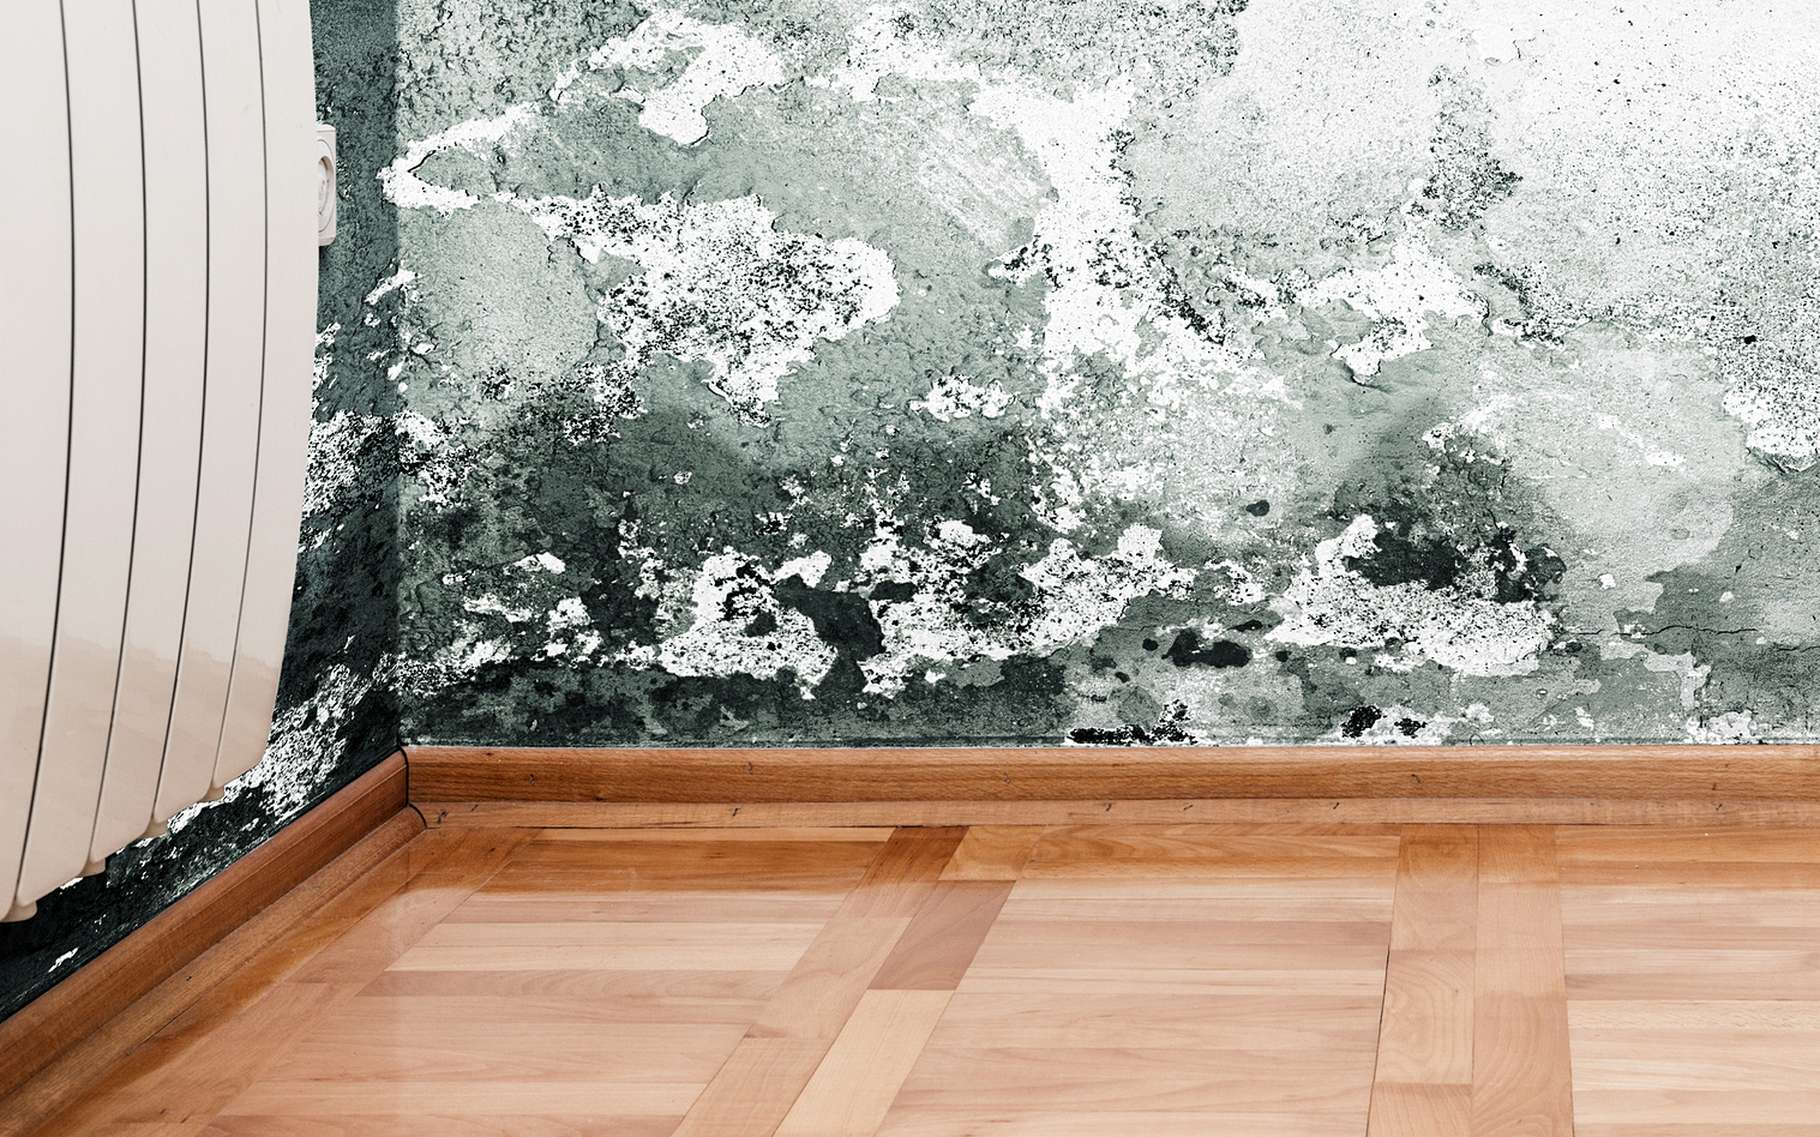 Il existe différents moyens pour lutter contre les remontées capillaires pour ne pas avoir de problèmes d'humidité. © jocic, Shutterstock